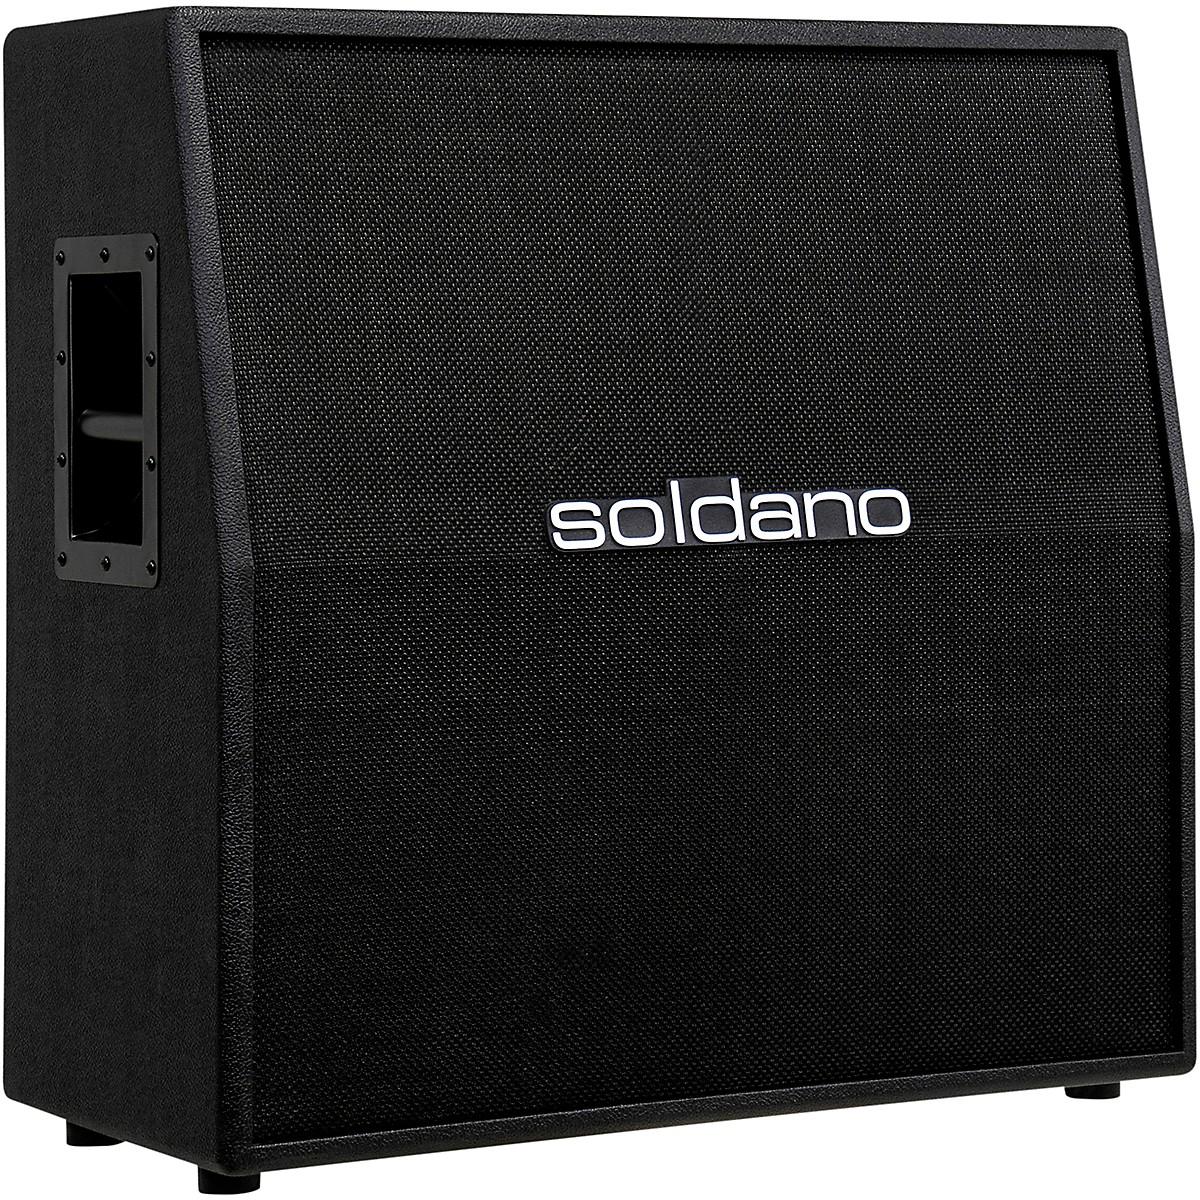 Soldano 4x12 Vintage 30 Cab